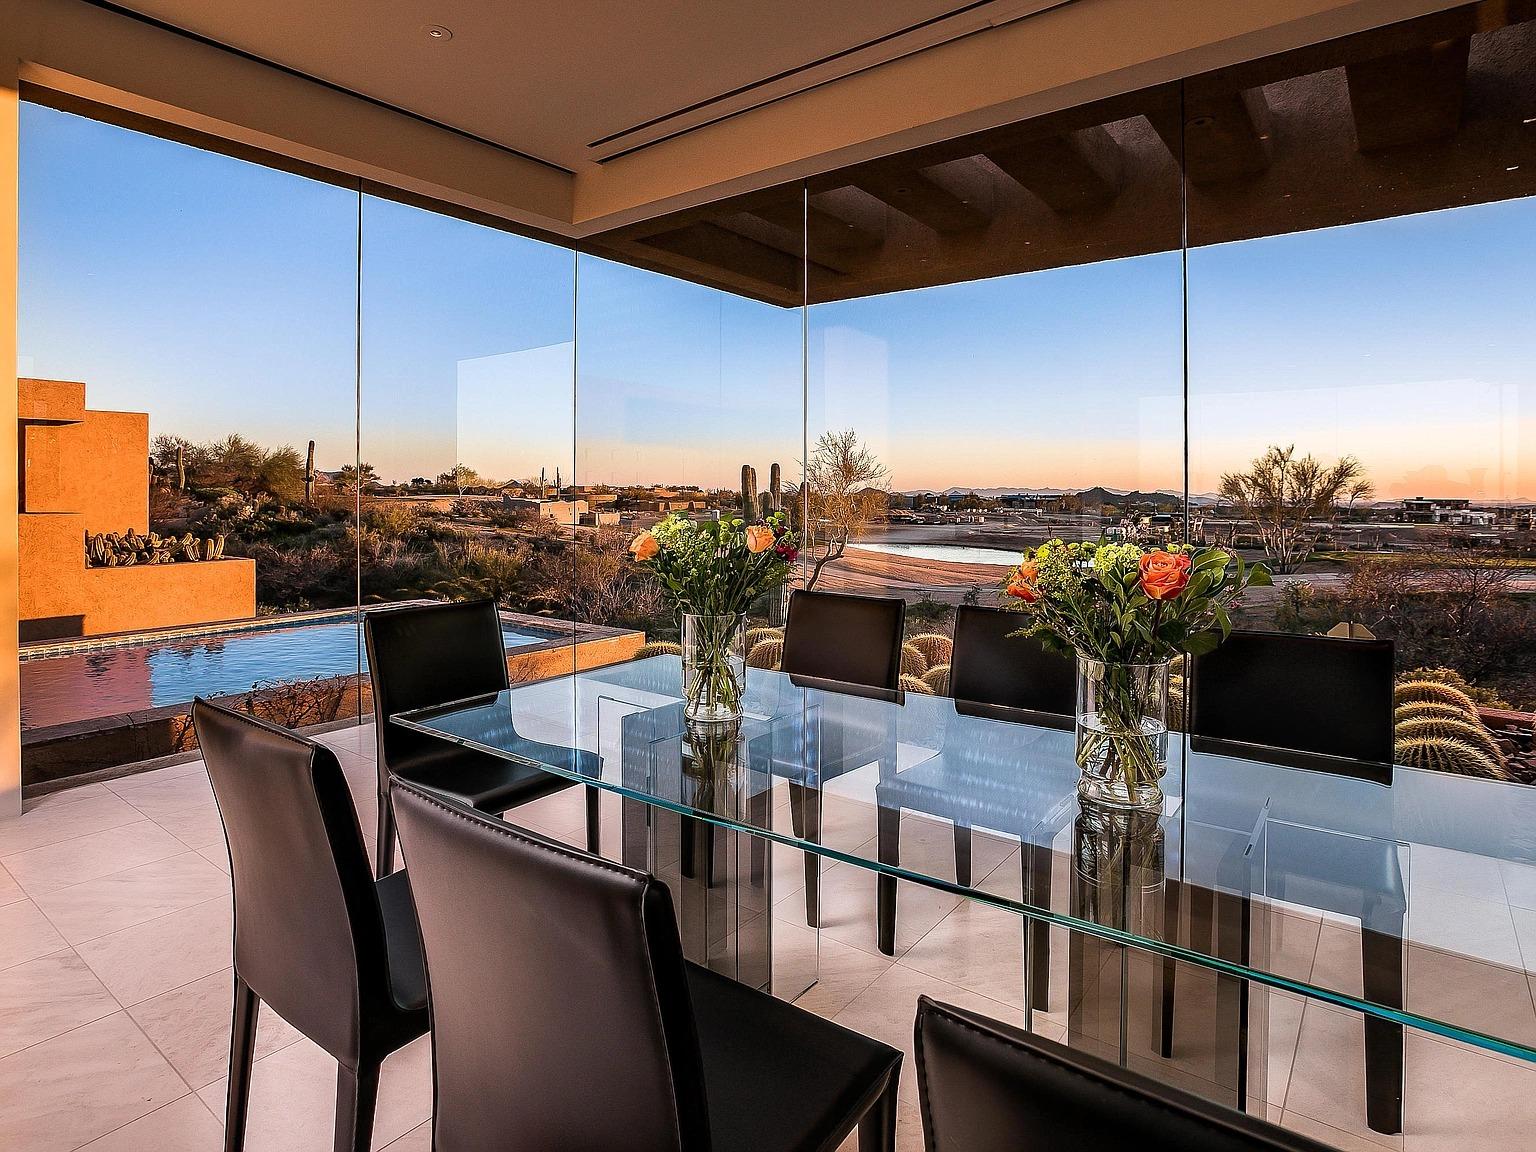 9191 E Happy Hollow Dr, Scottsdale, AZ 85262